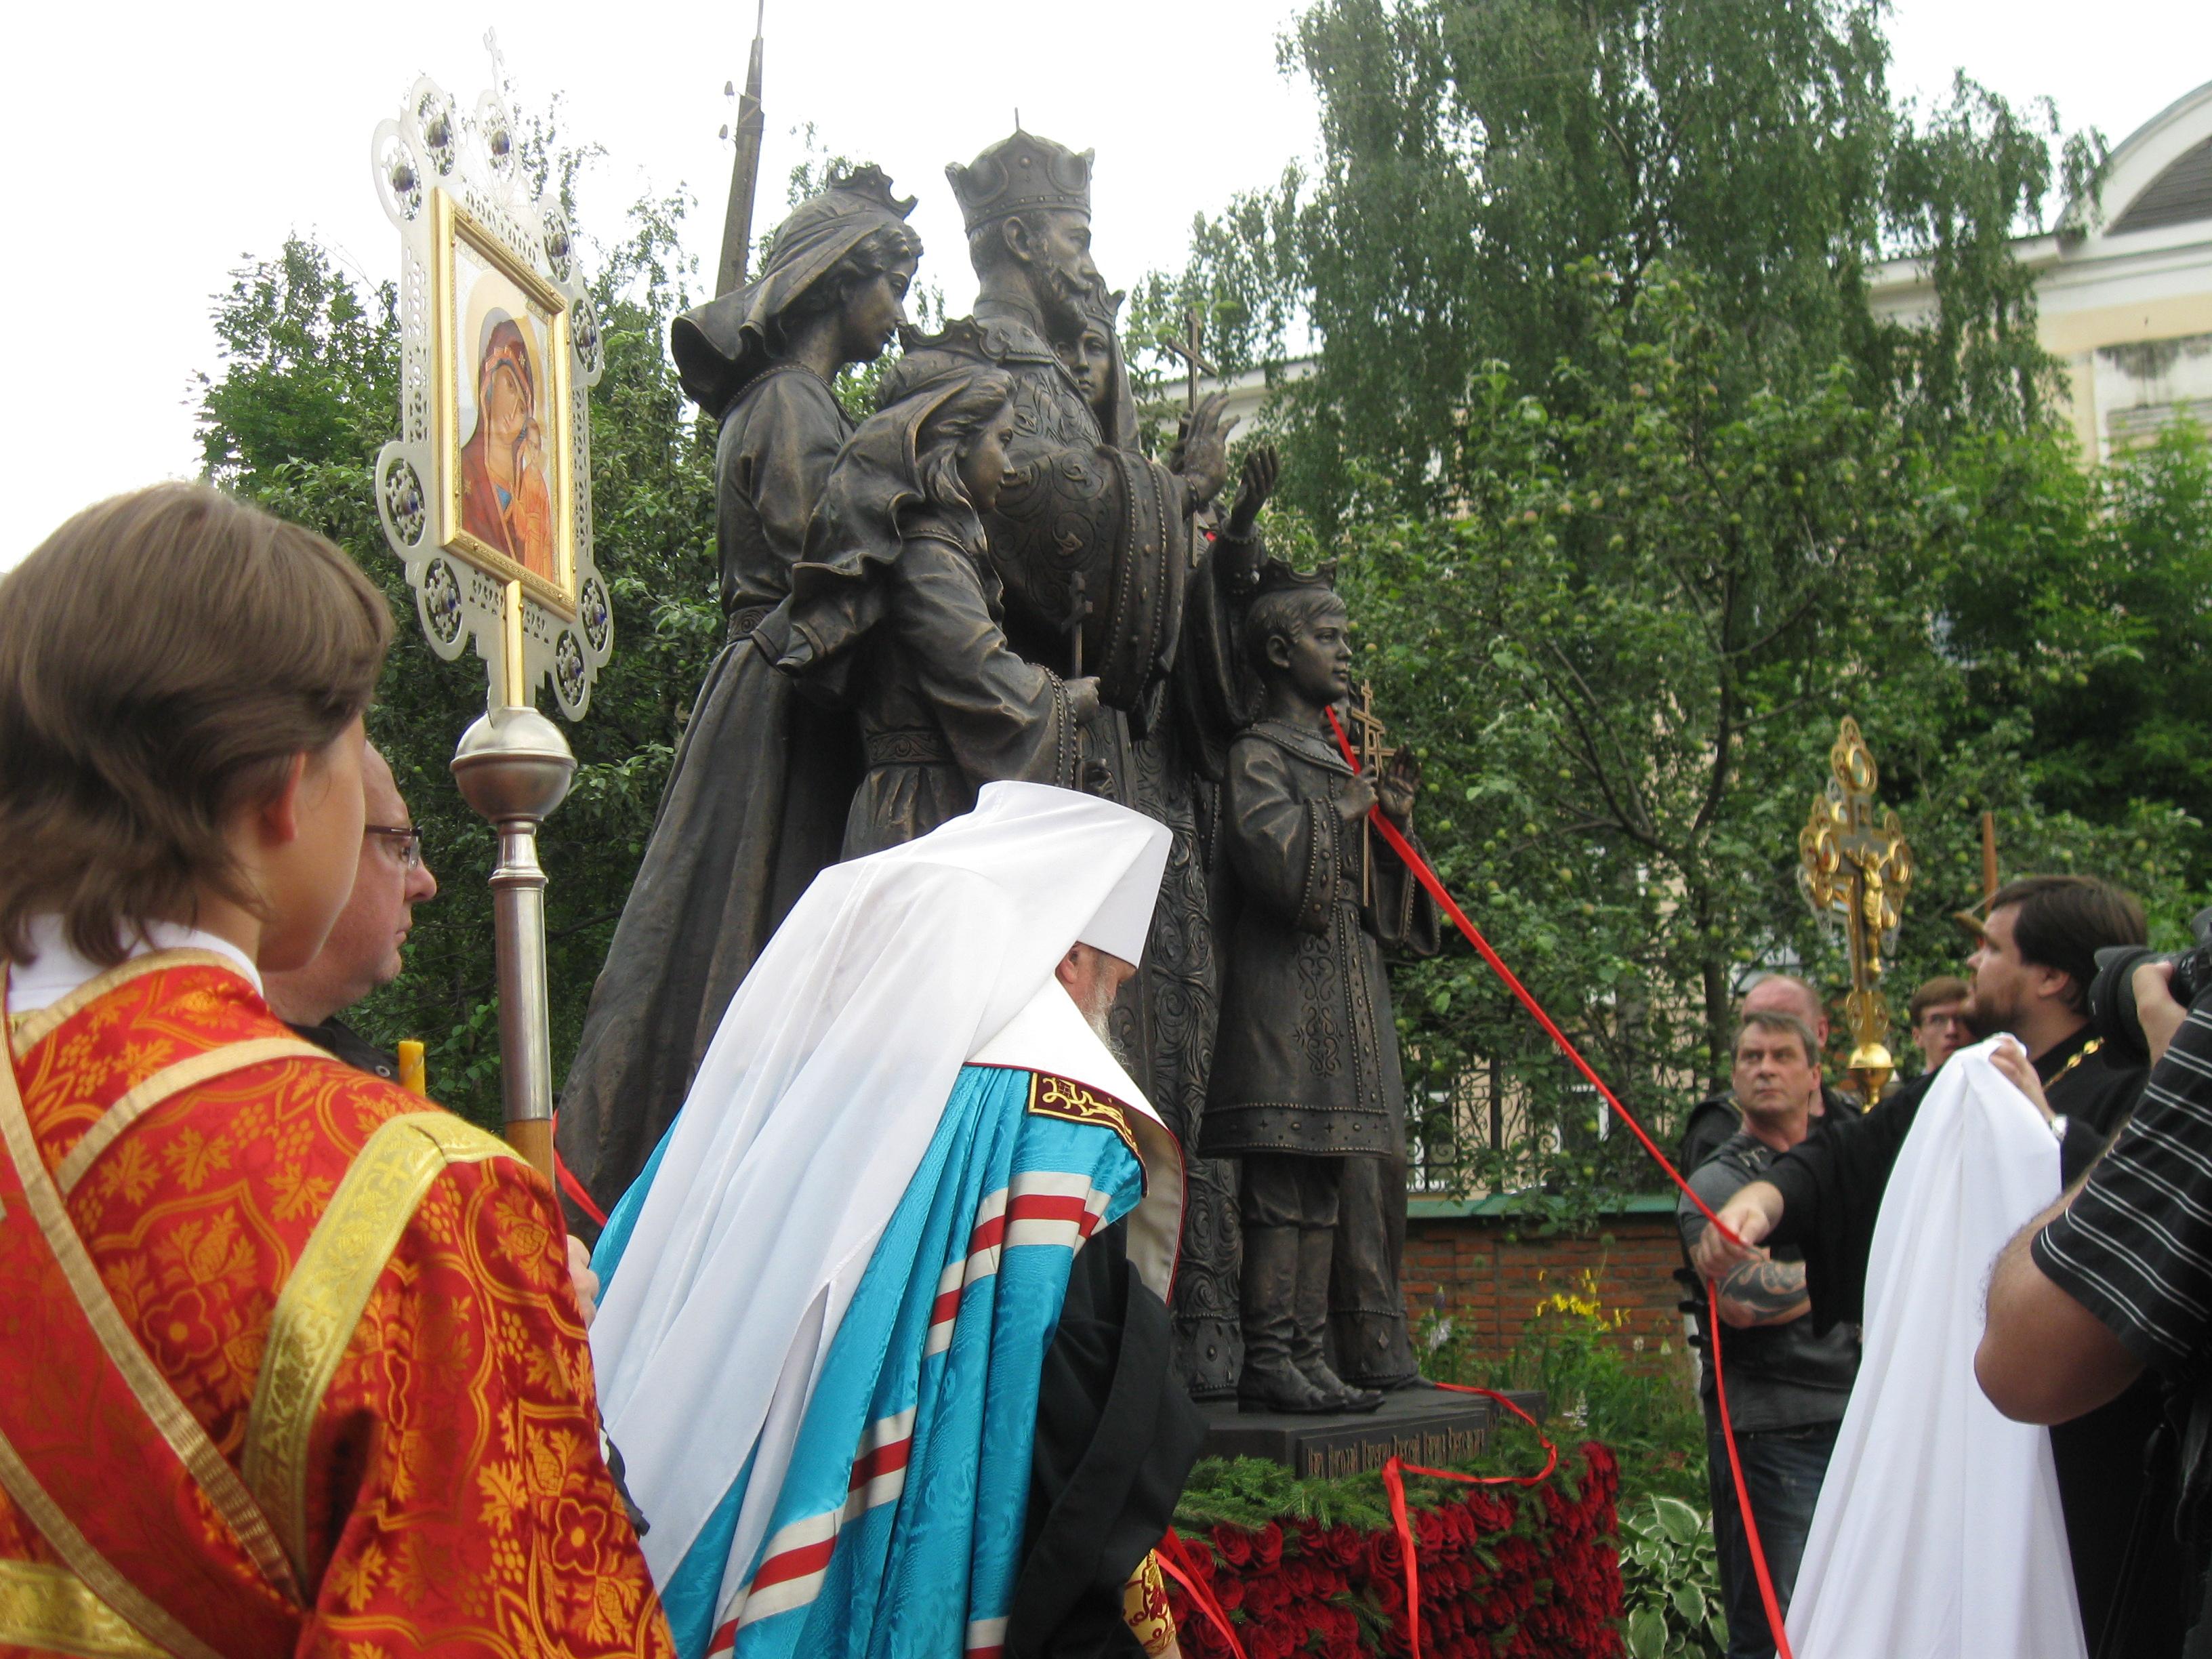 Освятили памятник, или Как опозорили городские депутаты Киров, по мнению митрополита Марка